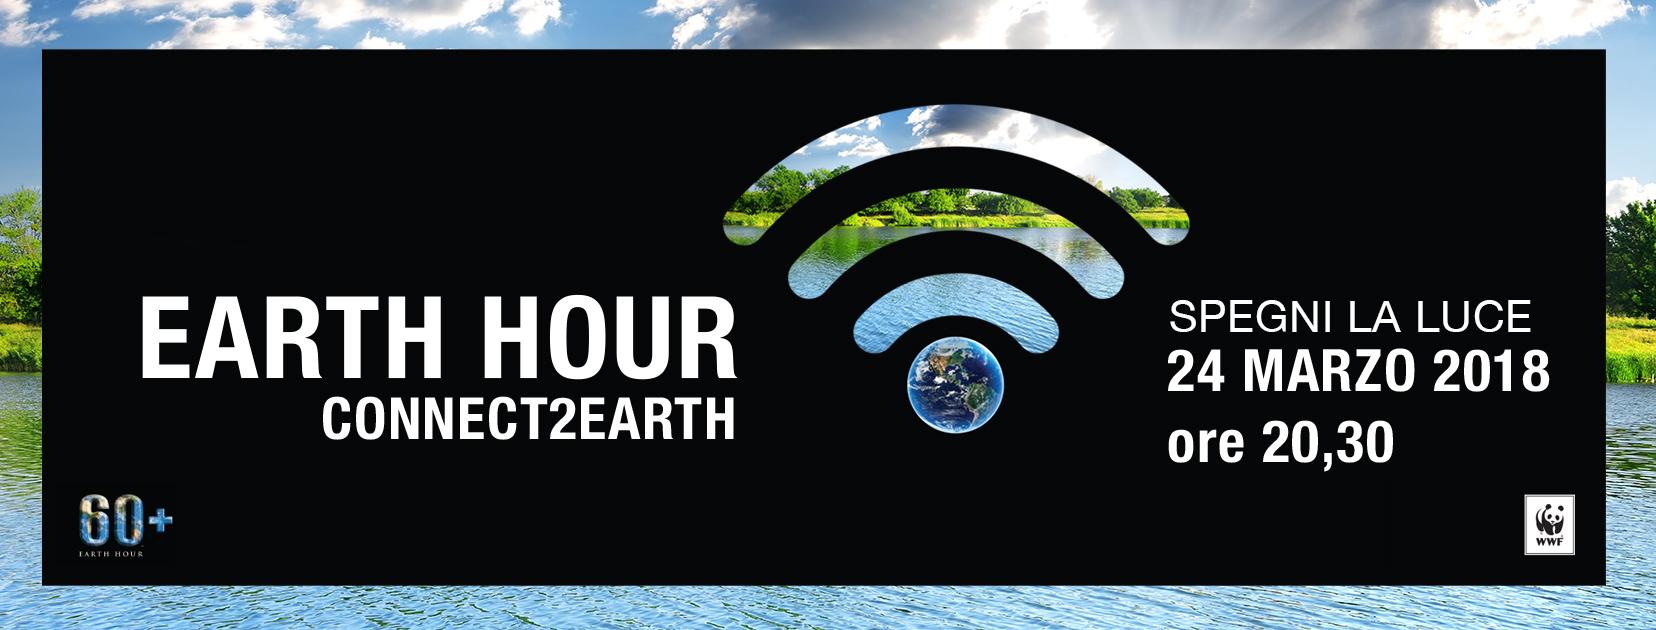 immagine evento earth hour